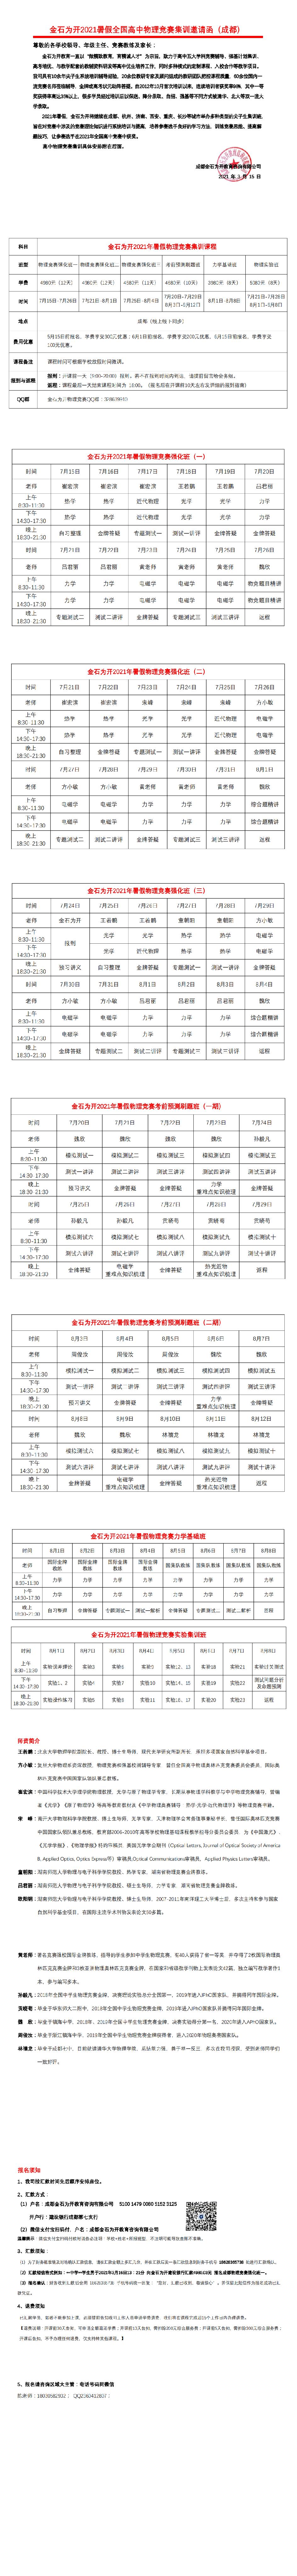 (成都物理)金石为开2021暑假竞赛集训邀请函(2)_0.png